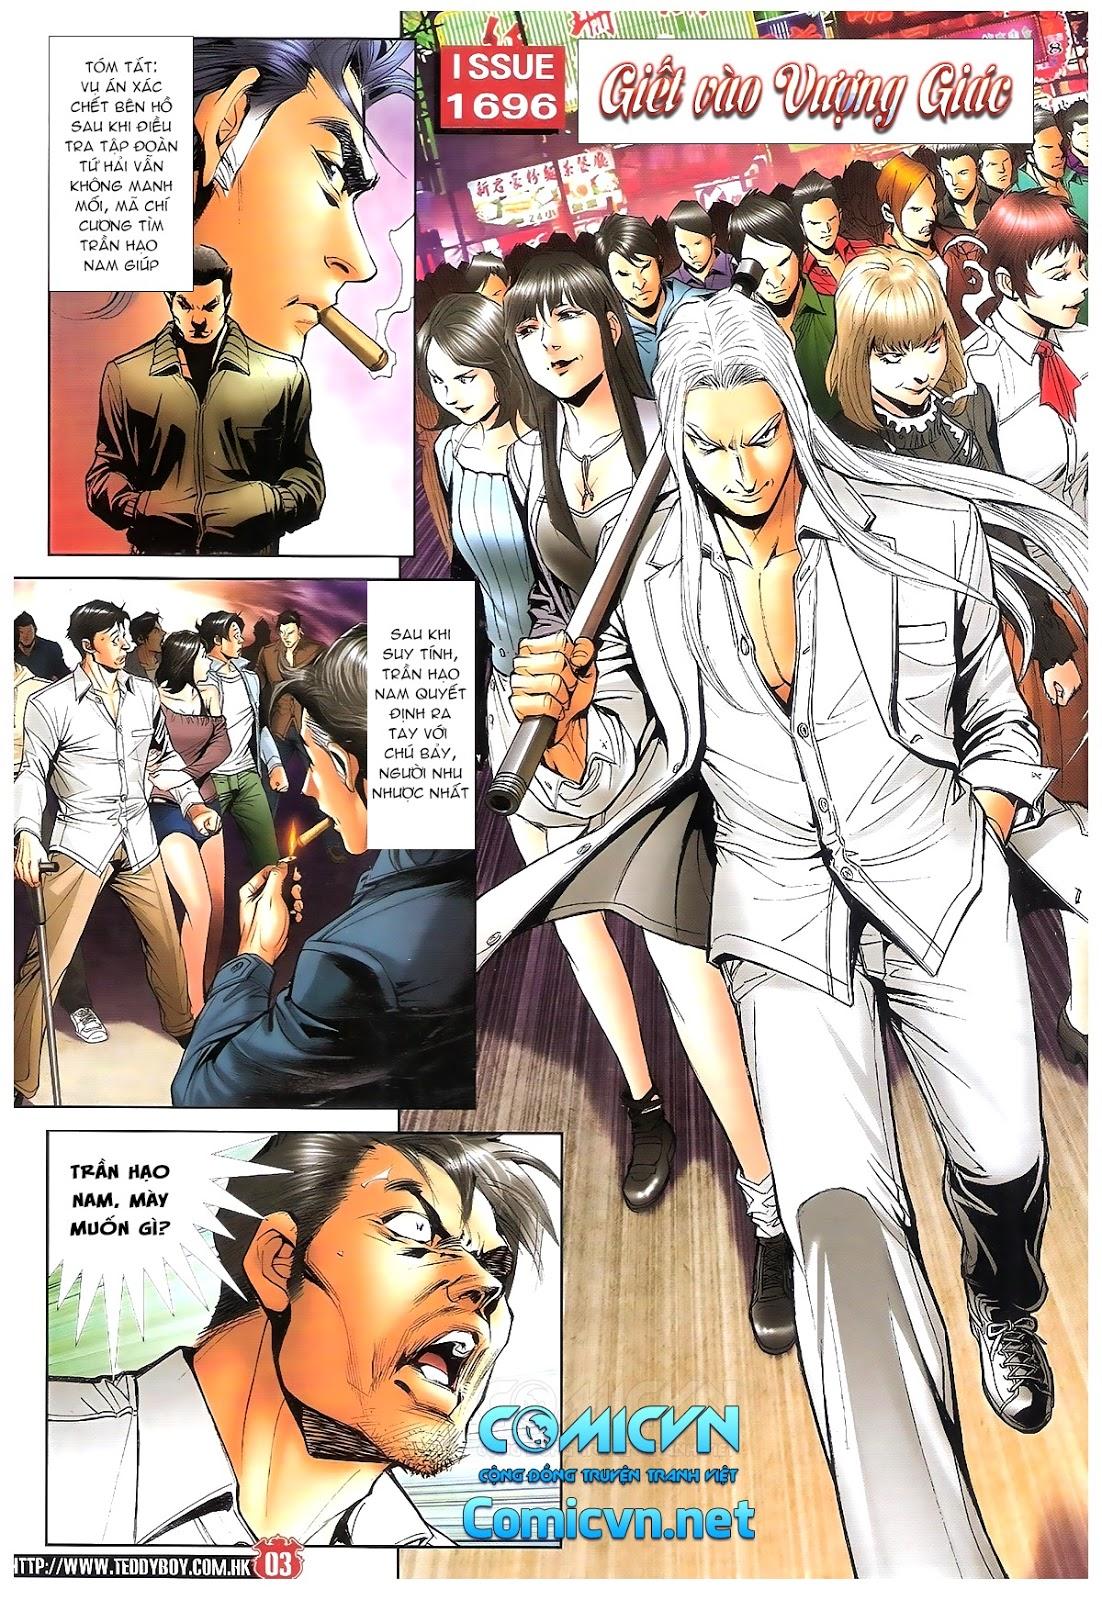 Người Trong Giang Hồ chapter 1696: giết vào vượng giác trang 2